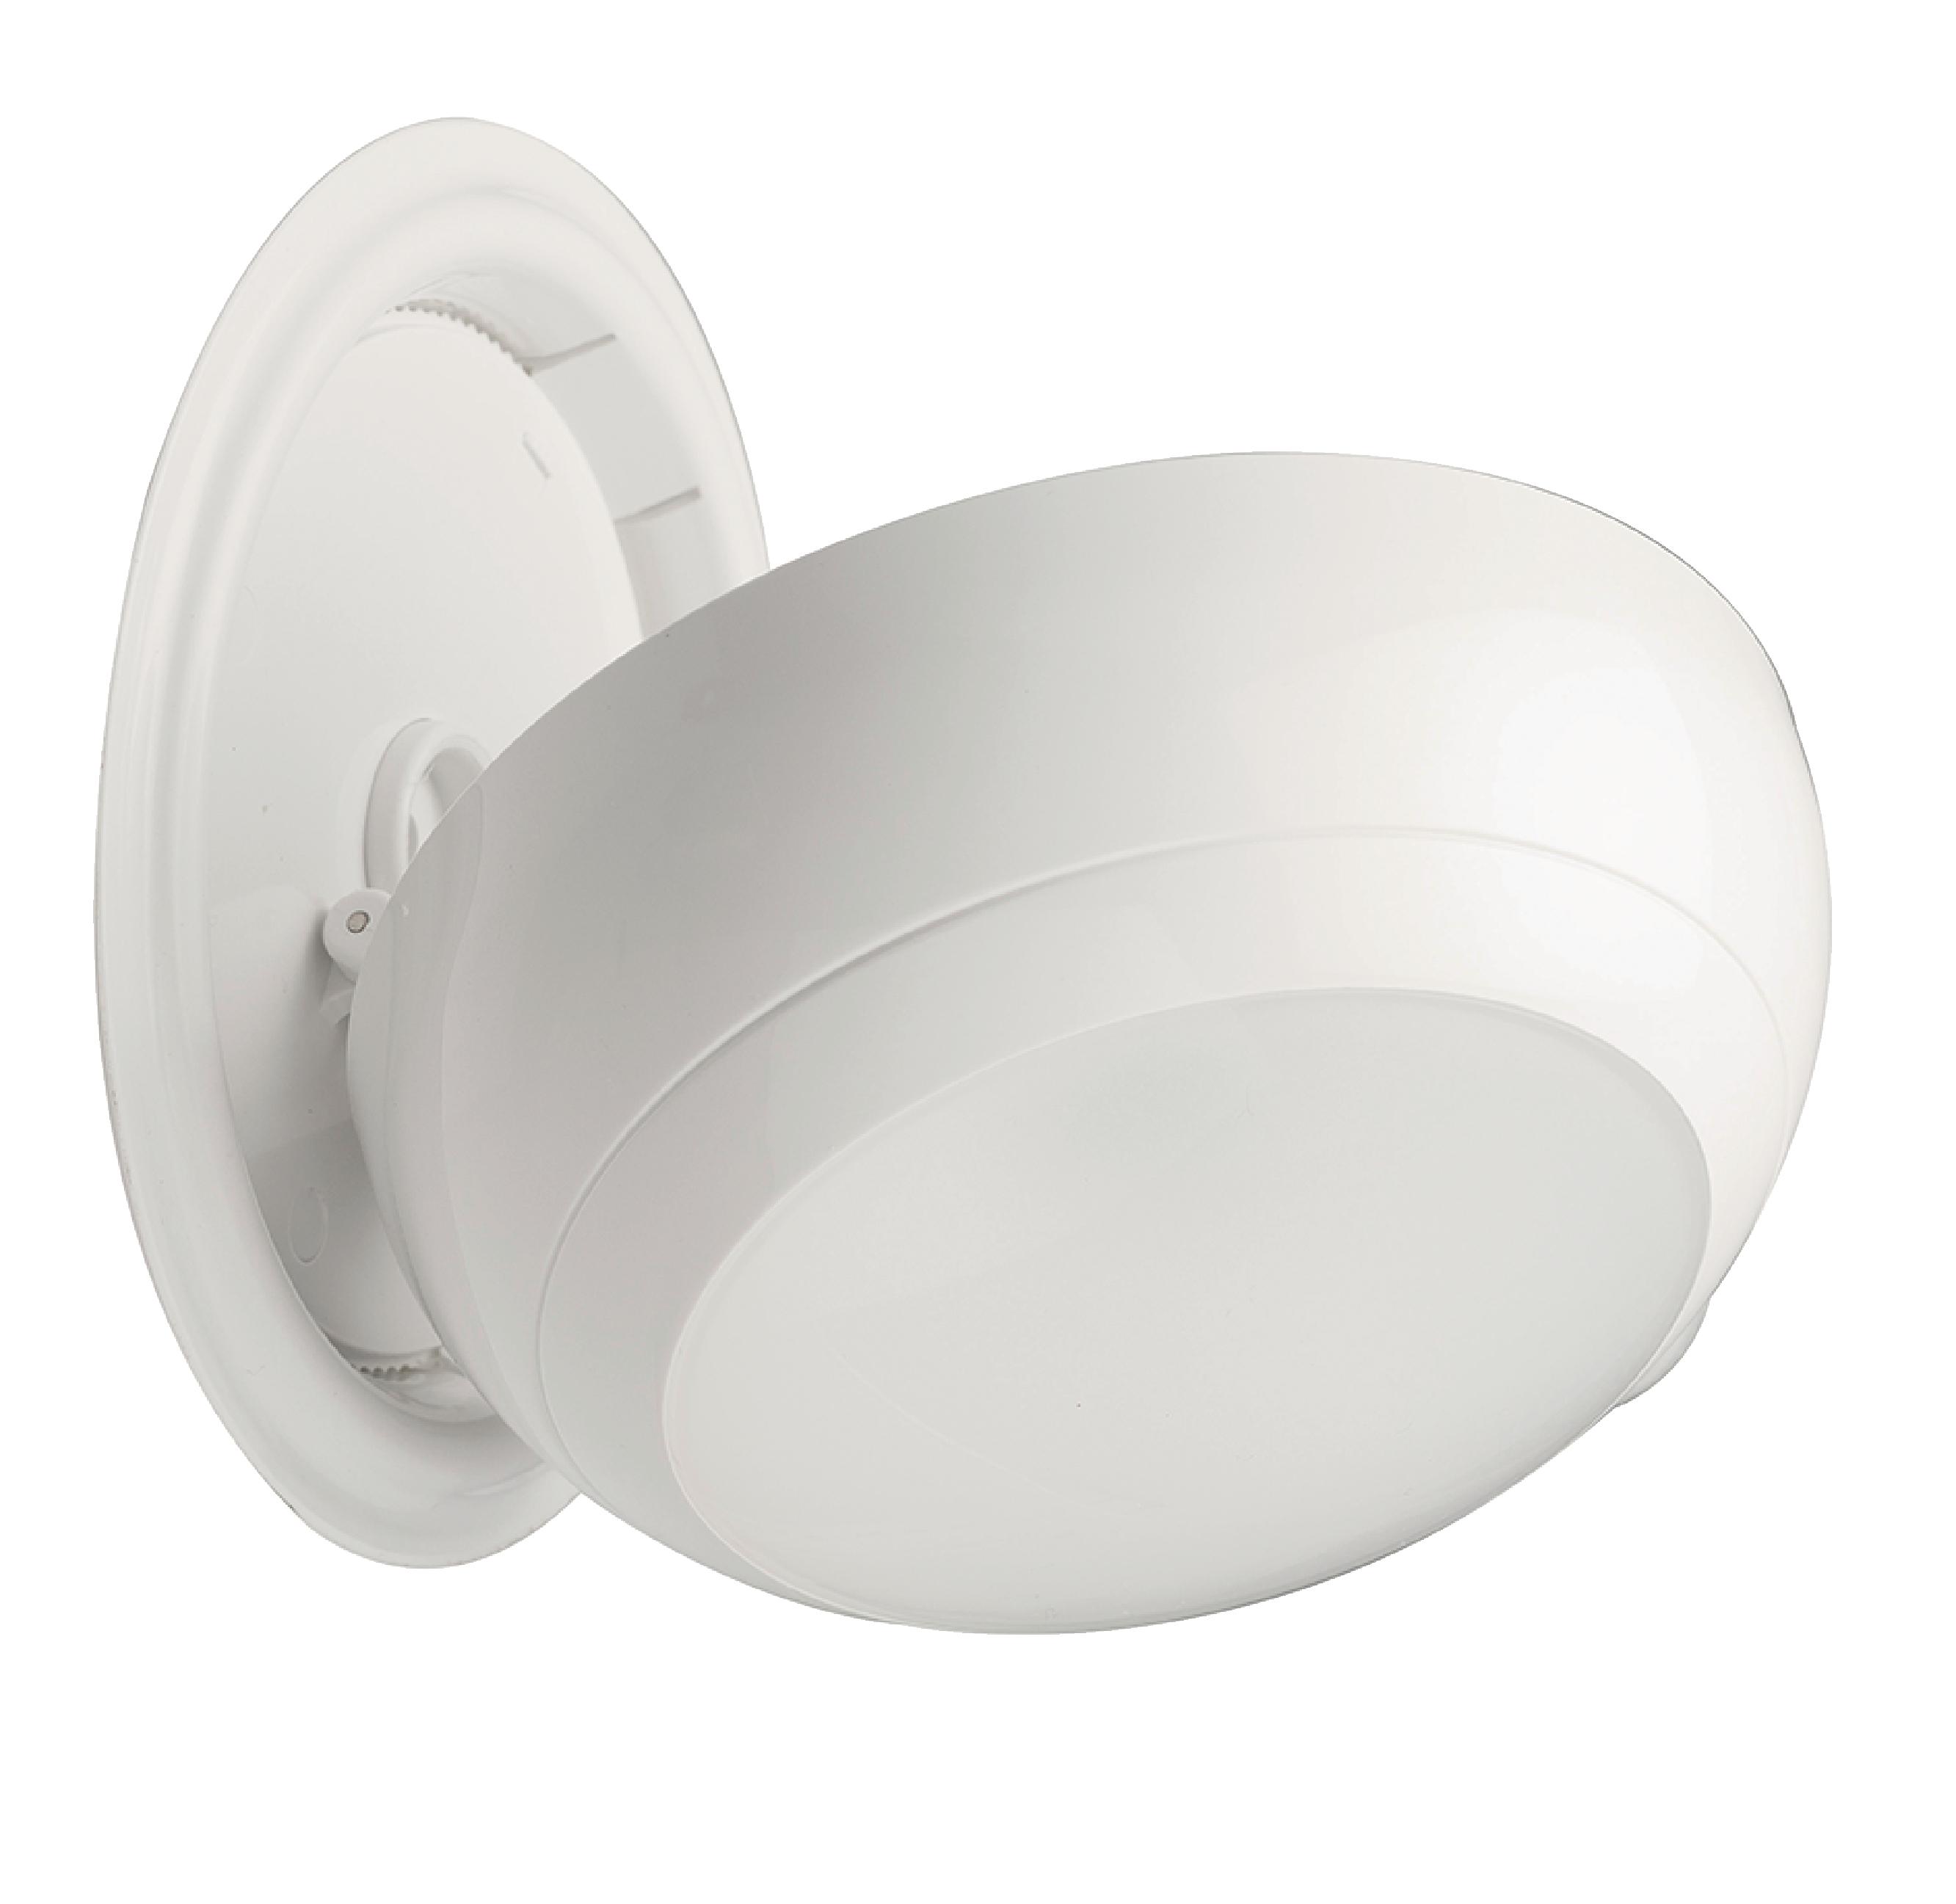 LED svítidlo s pohybovým senzorem HQ-RS100